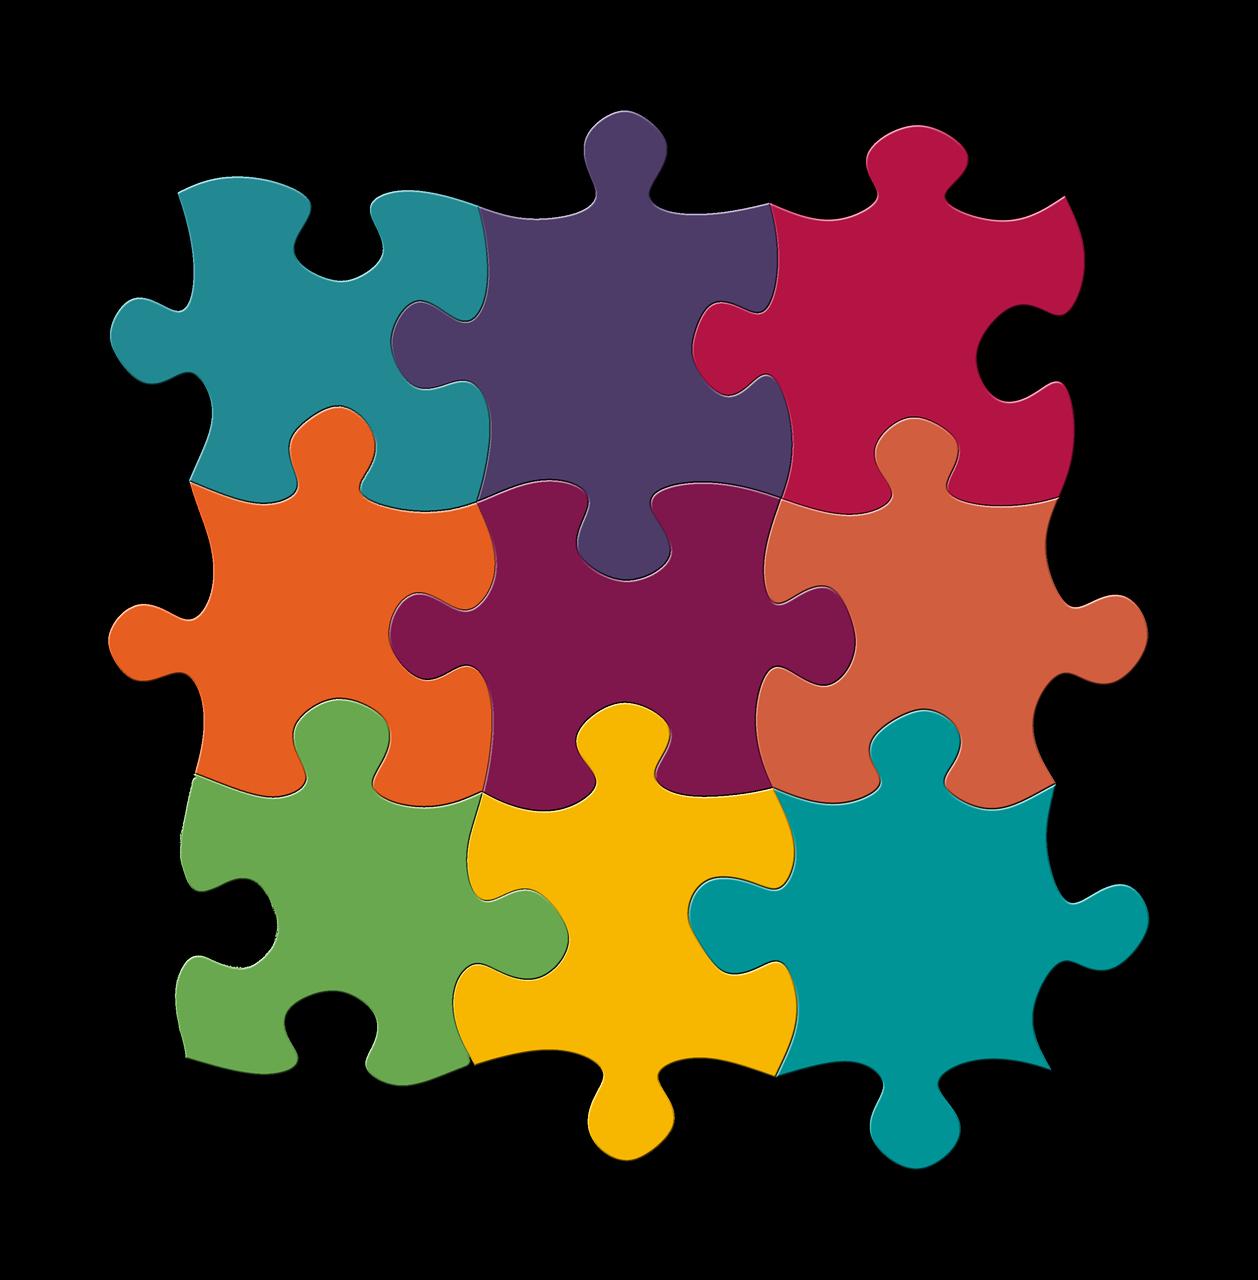 Puzzle Piece Puzzles - Image Gratuite Sur Pixabay intérieur Jouer Puzzle Gratuit